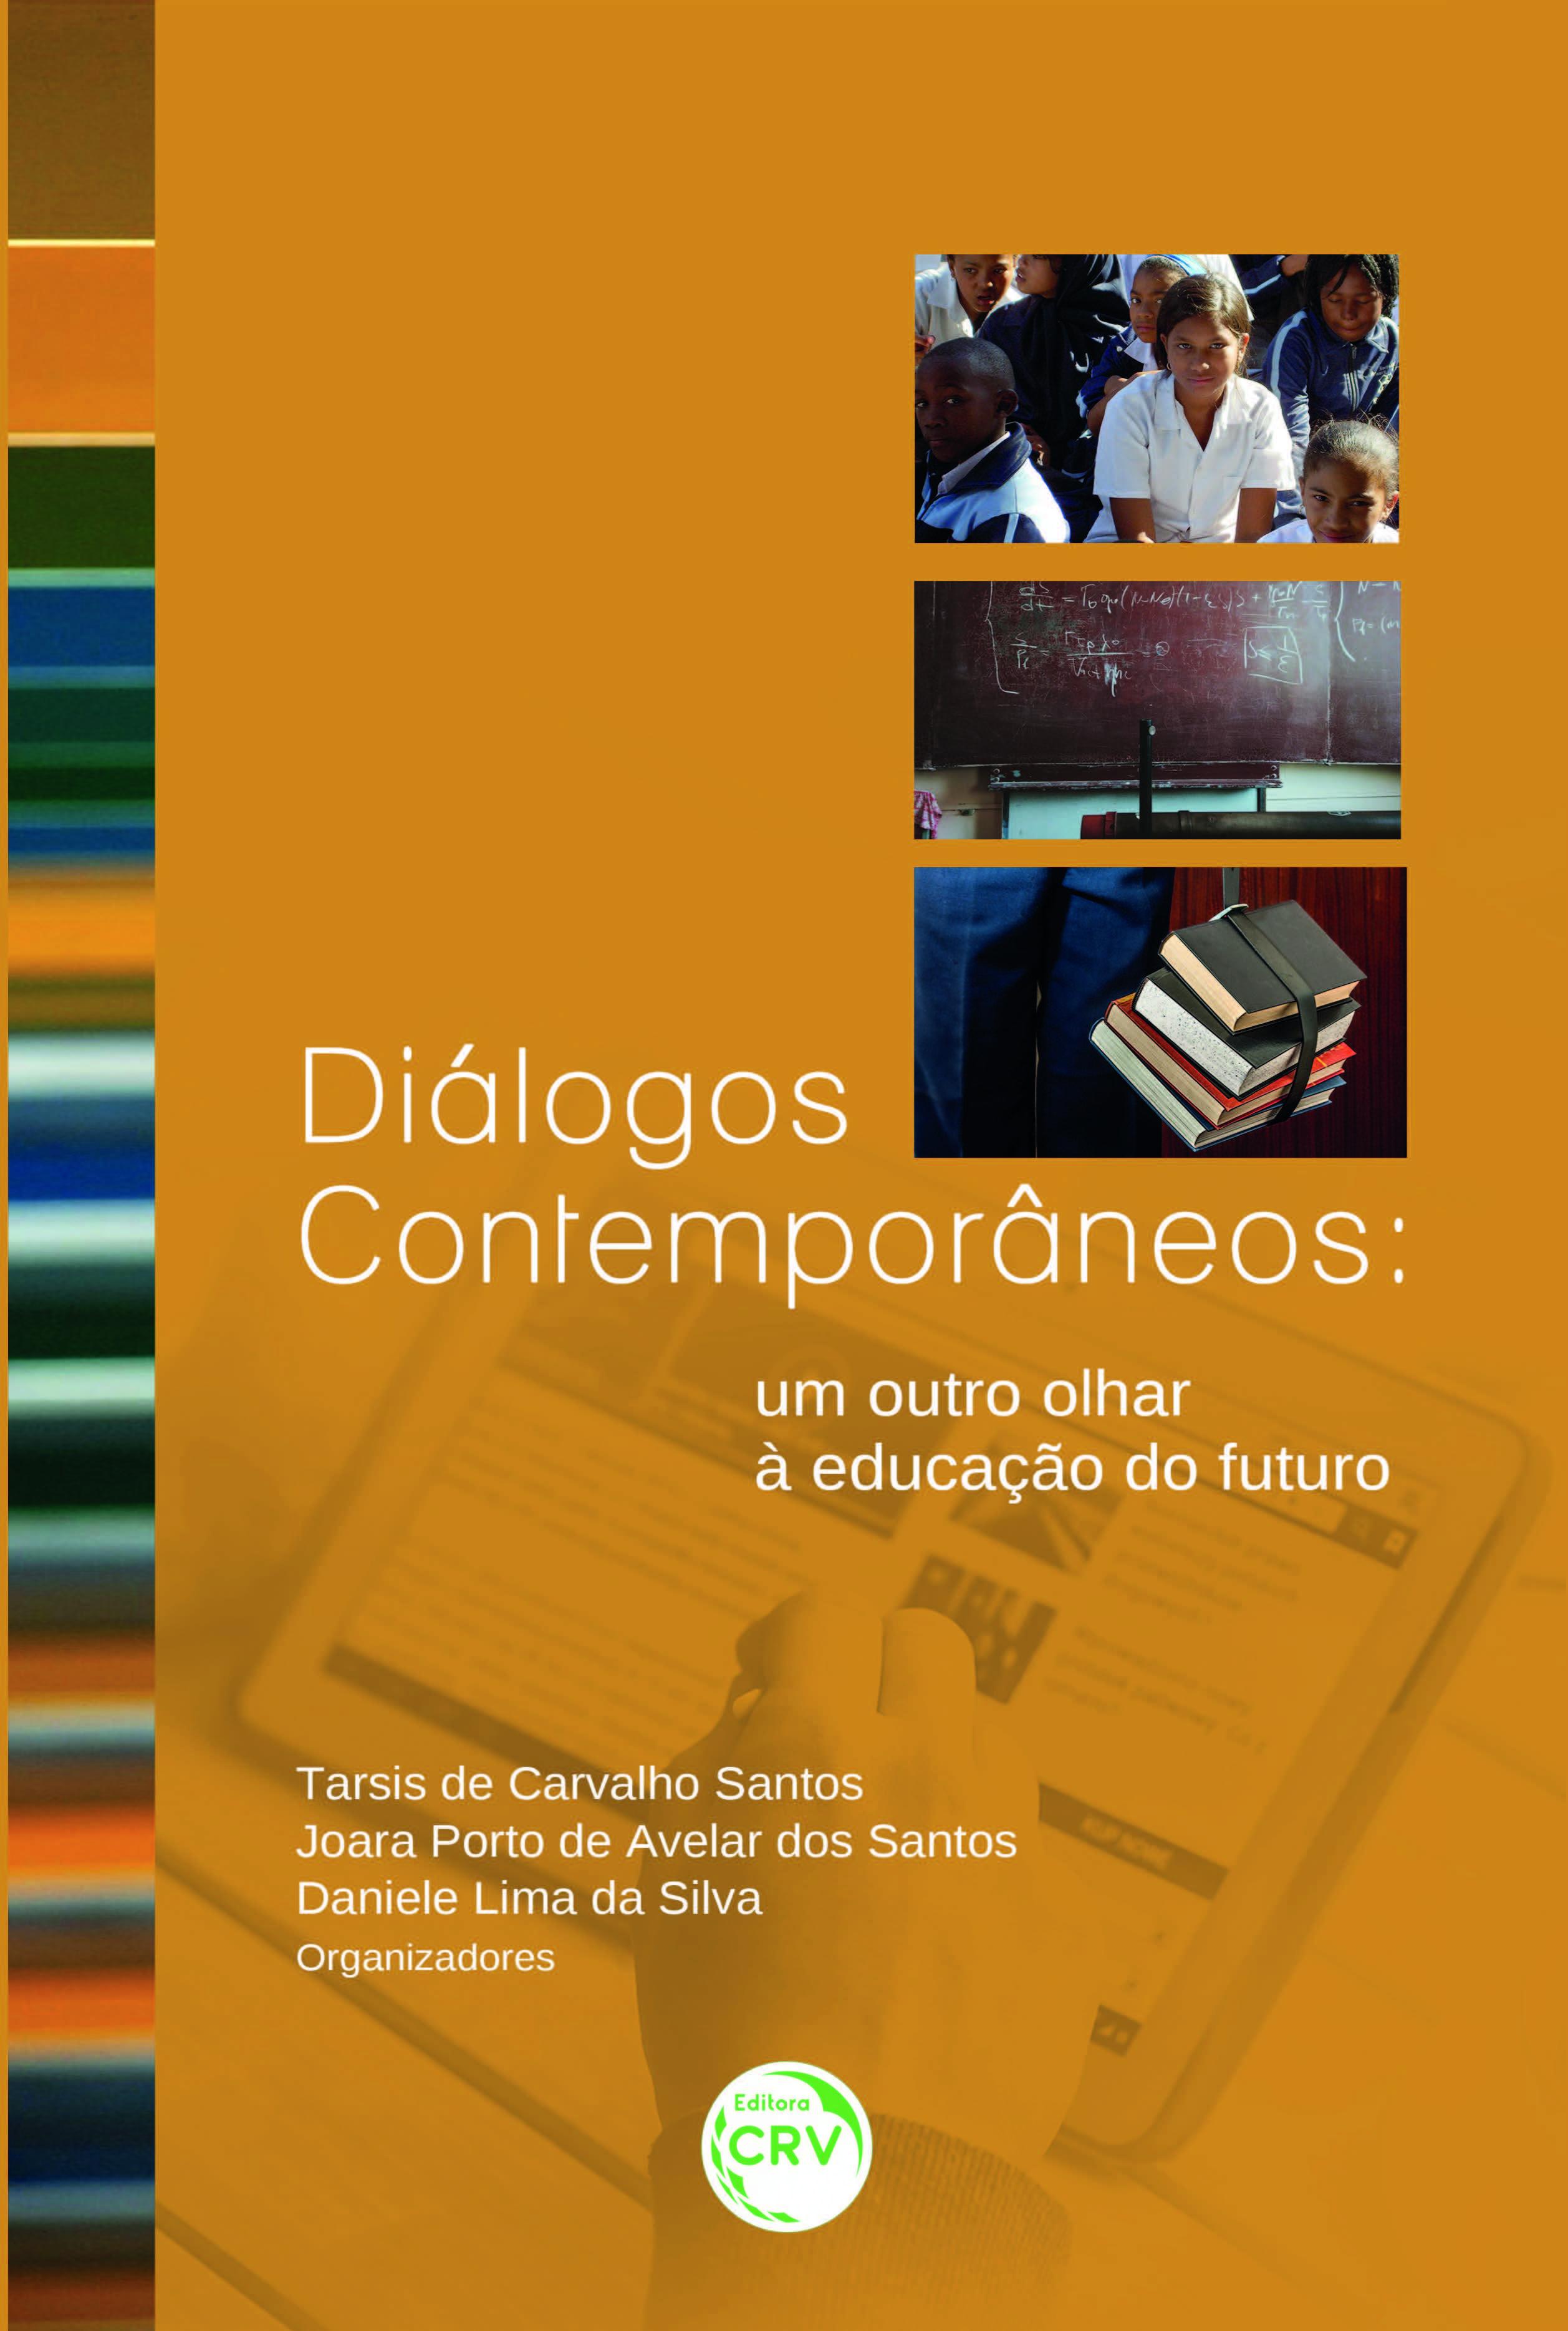 Capa do livro: DIÁLOGOS CONTEMPORÂNEOS:<br> outro olhar à educação do futuro